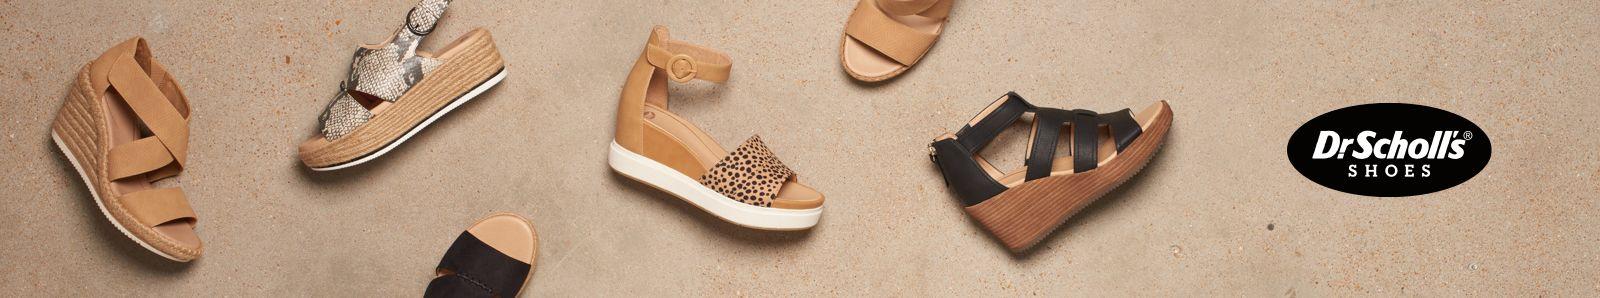 Dr Scholl's, Shoes